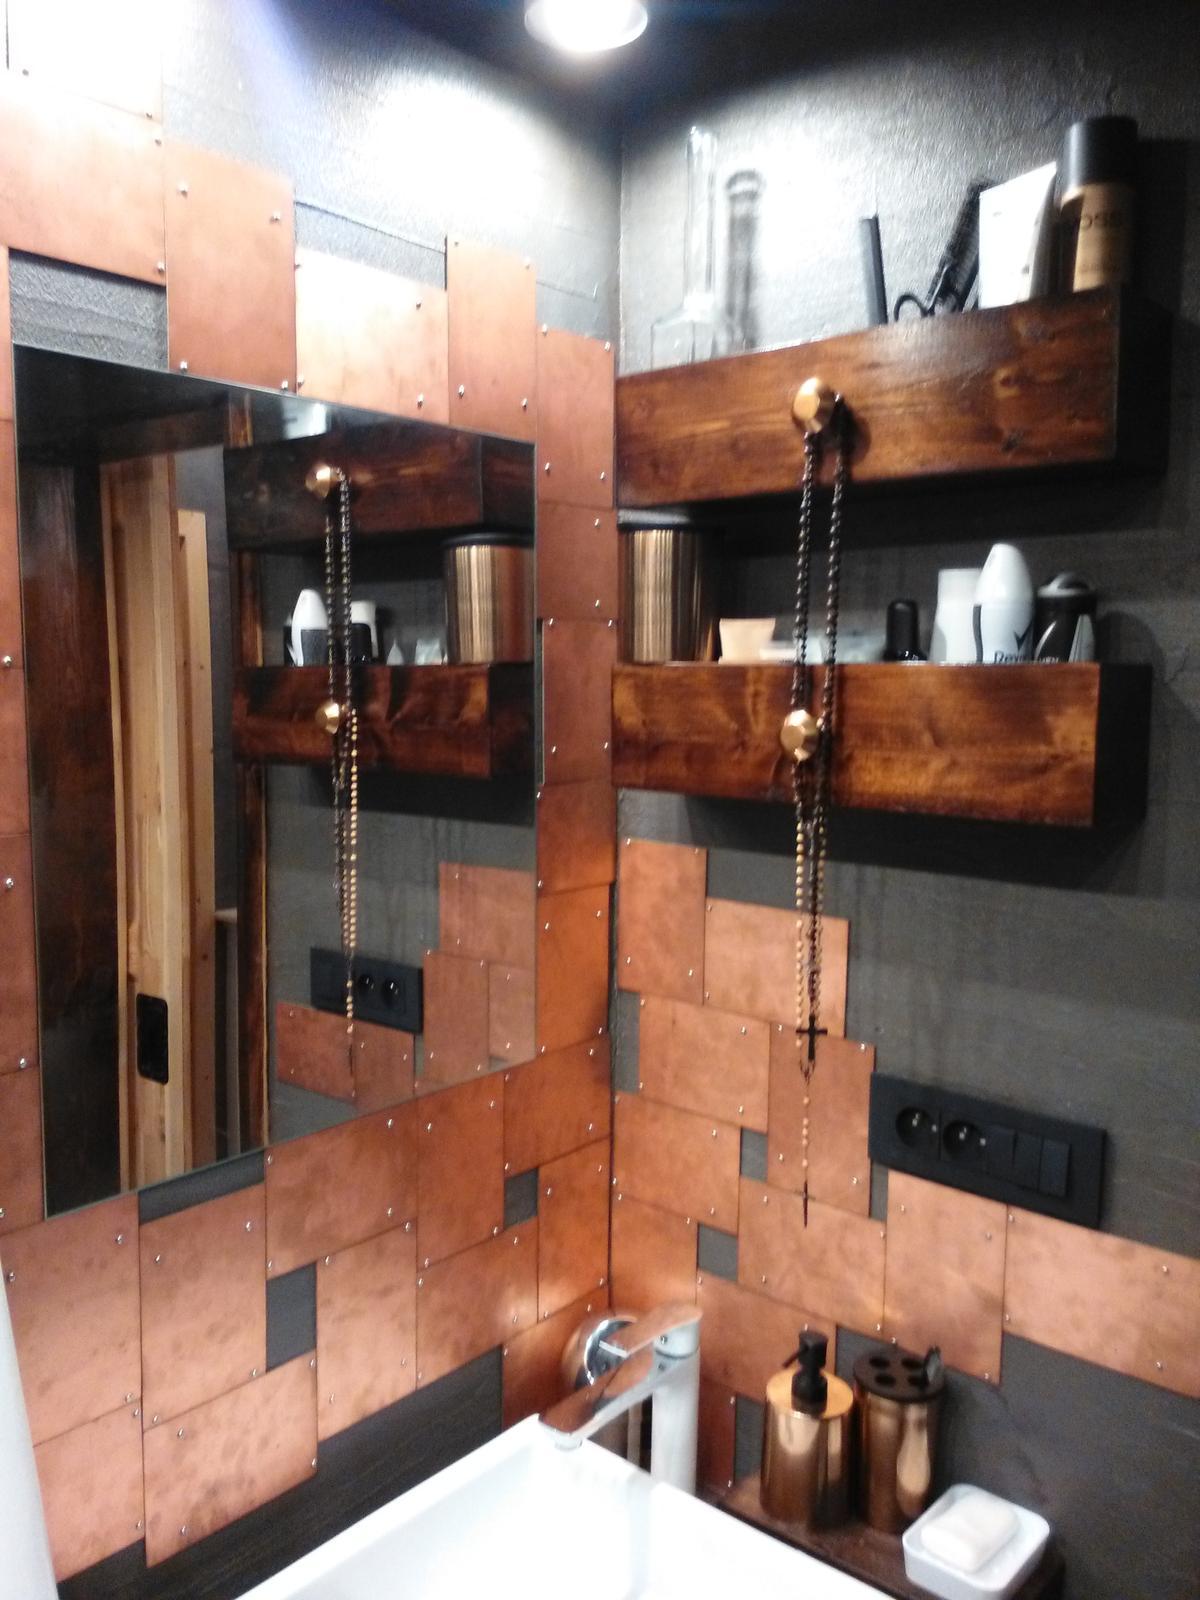 °°° Hnízdečko v podkroví  °°° - °°° obklad v koupelně je zajímavý především tím, že jsme použili takzvané,,tištěné spoje,,, které jsme jednoduše sestavili v mozaiku a přišroubovali šroubky s kulatou hlavičkou °°°